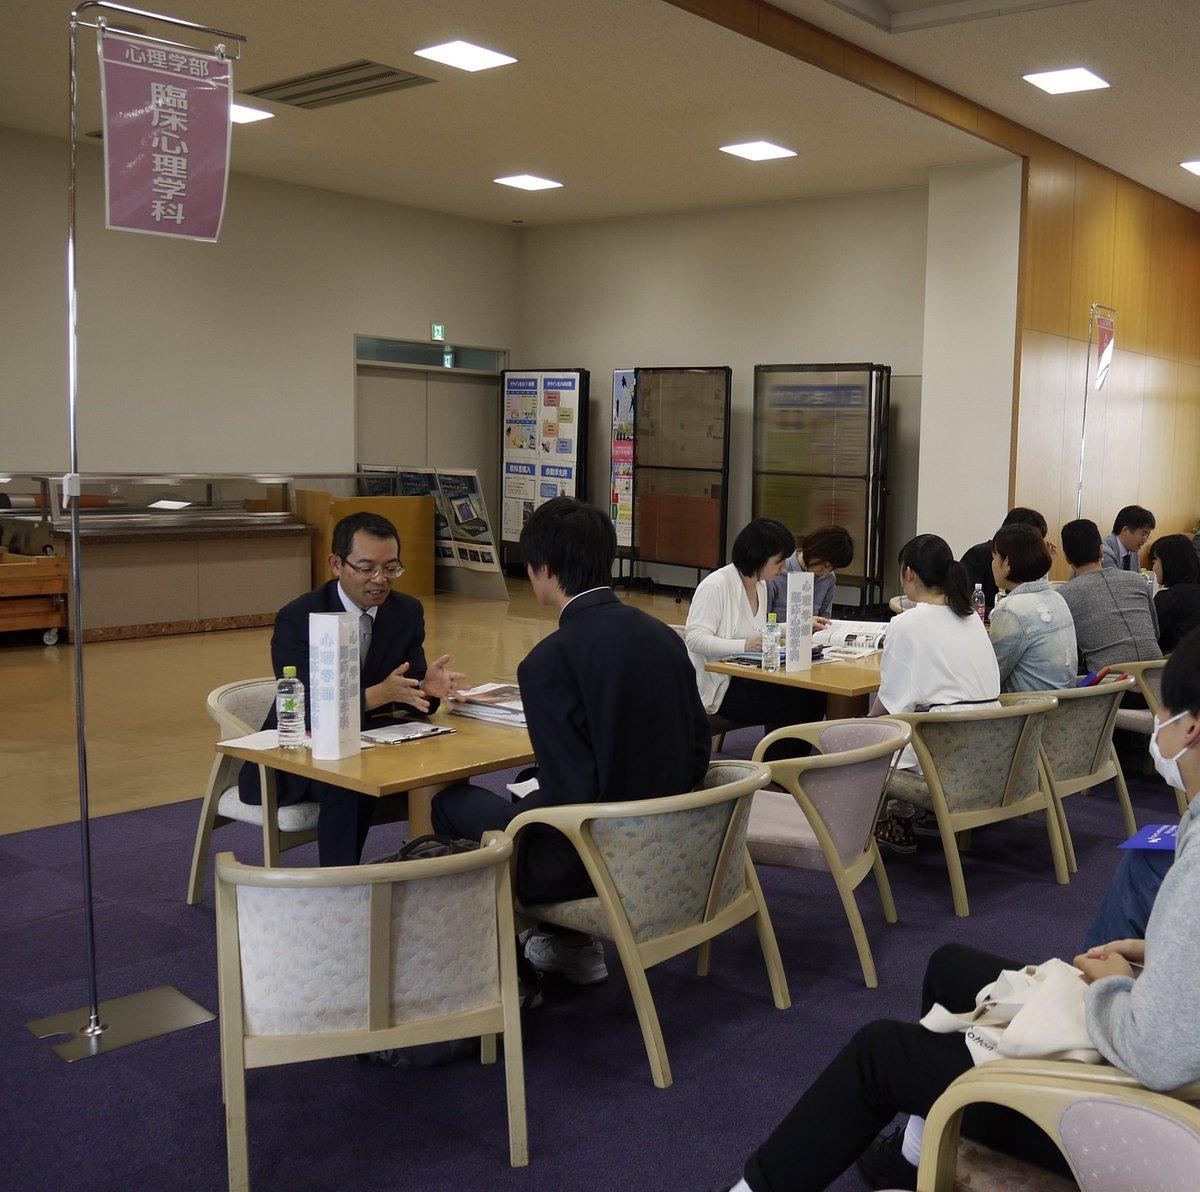 札幌学院大学 オープンキャンパス